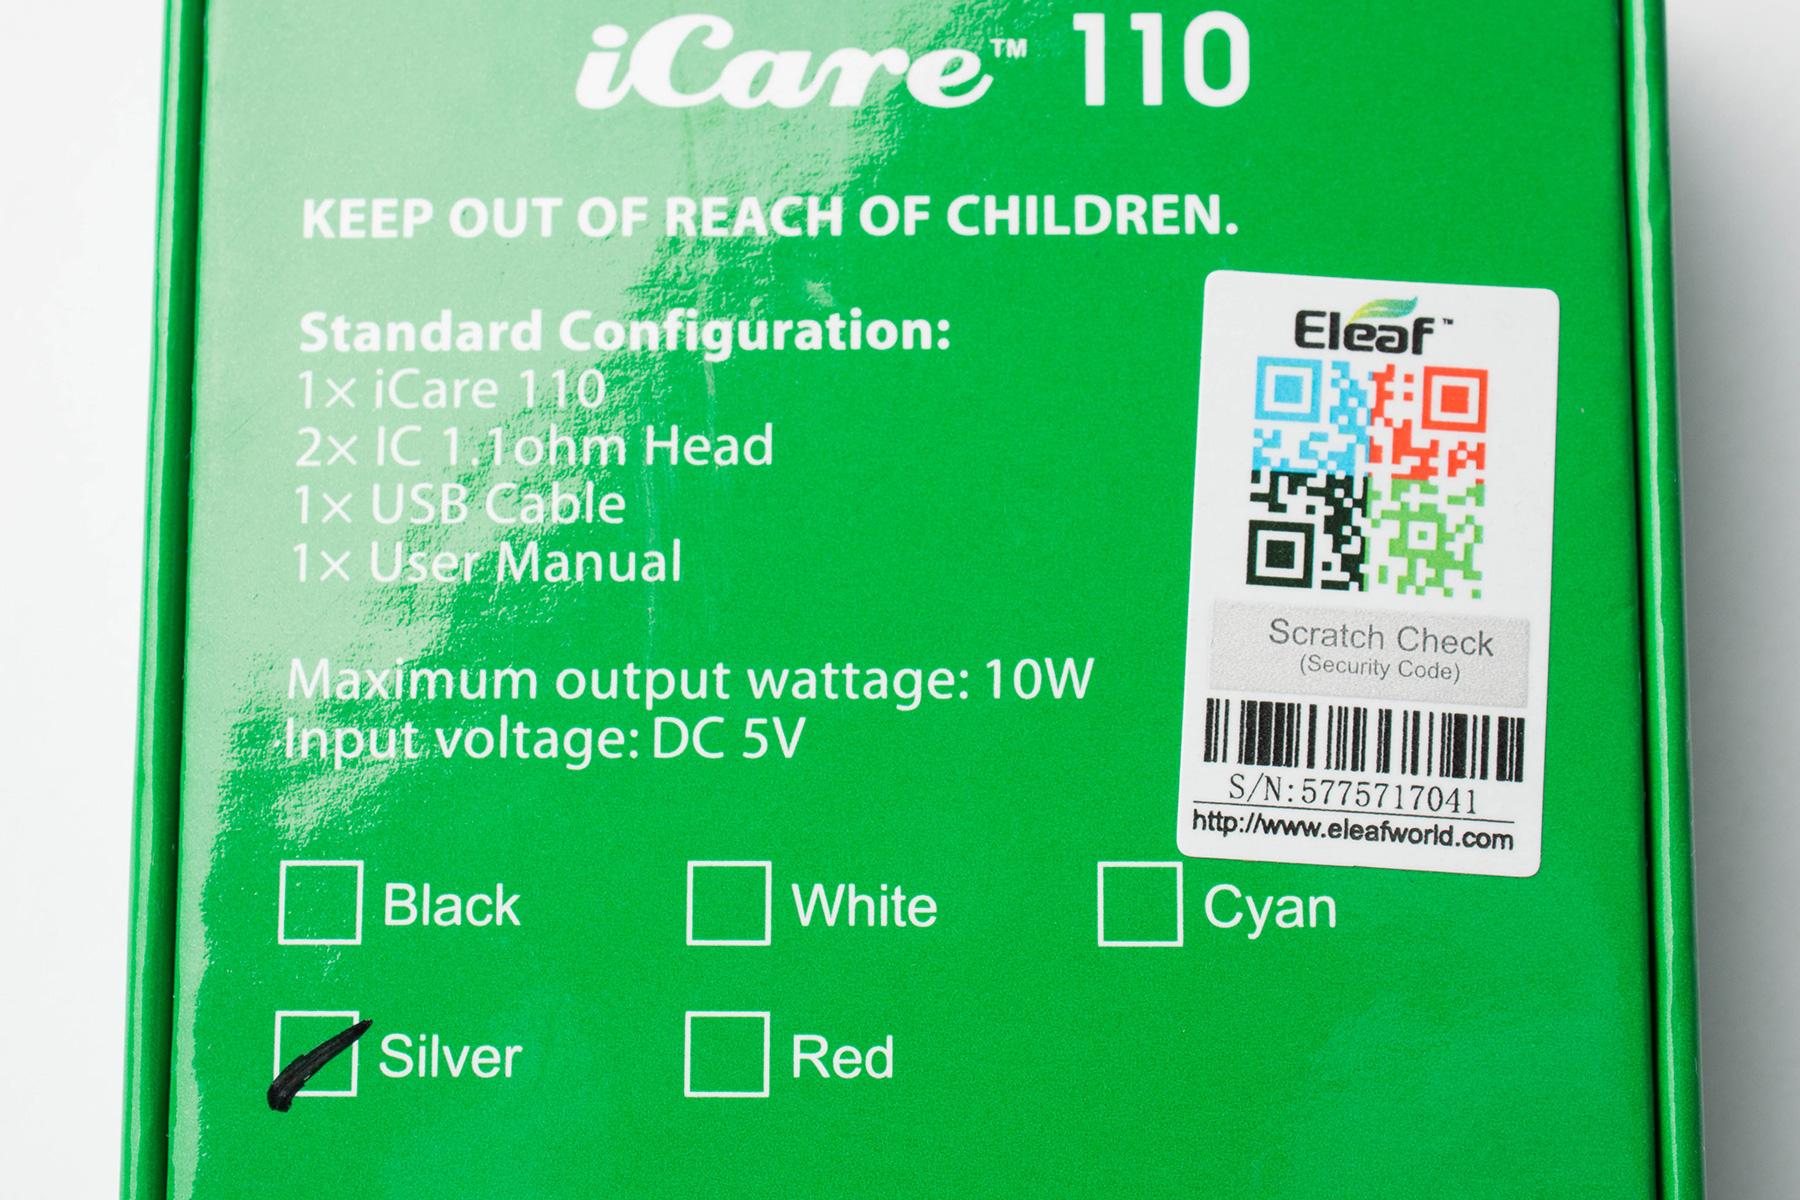 【スターターキット】iCare 110 「アイケア110」(eleaf イーリーフ) レビュー